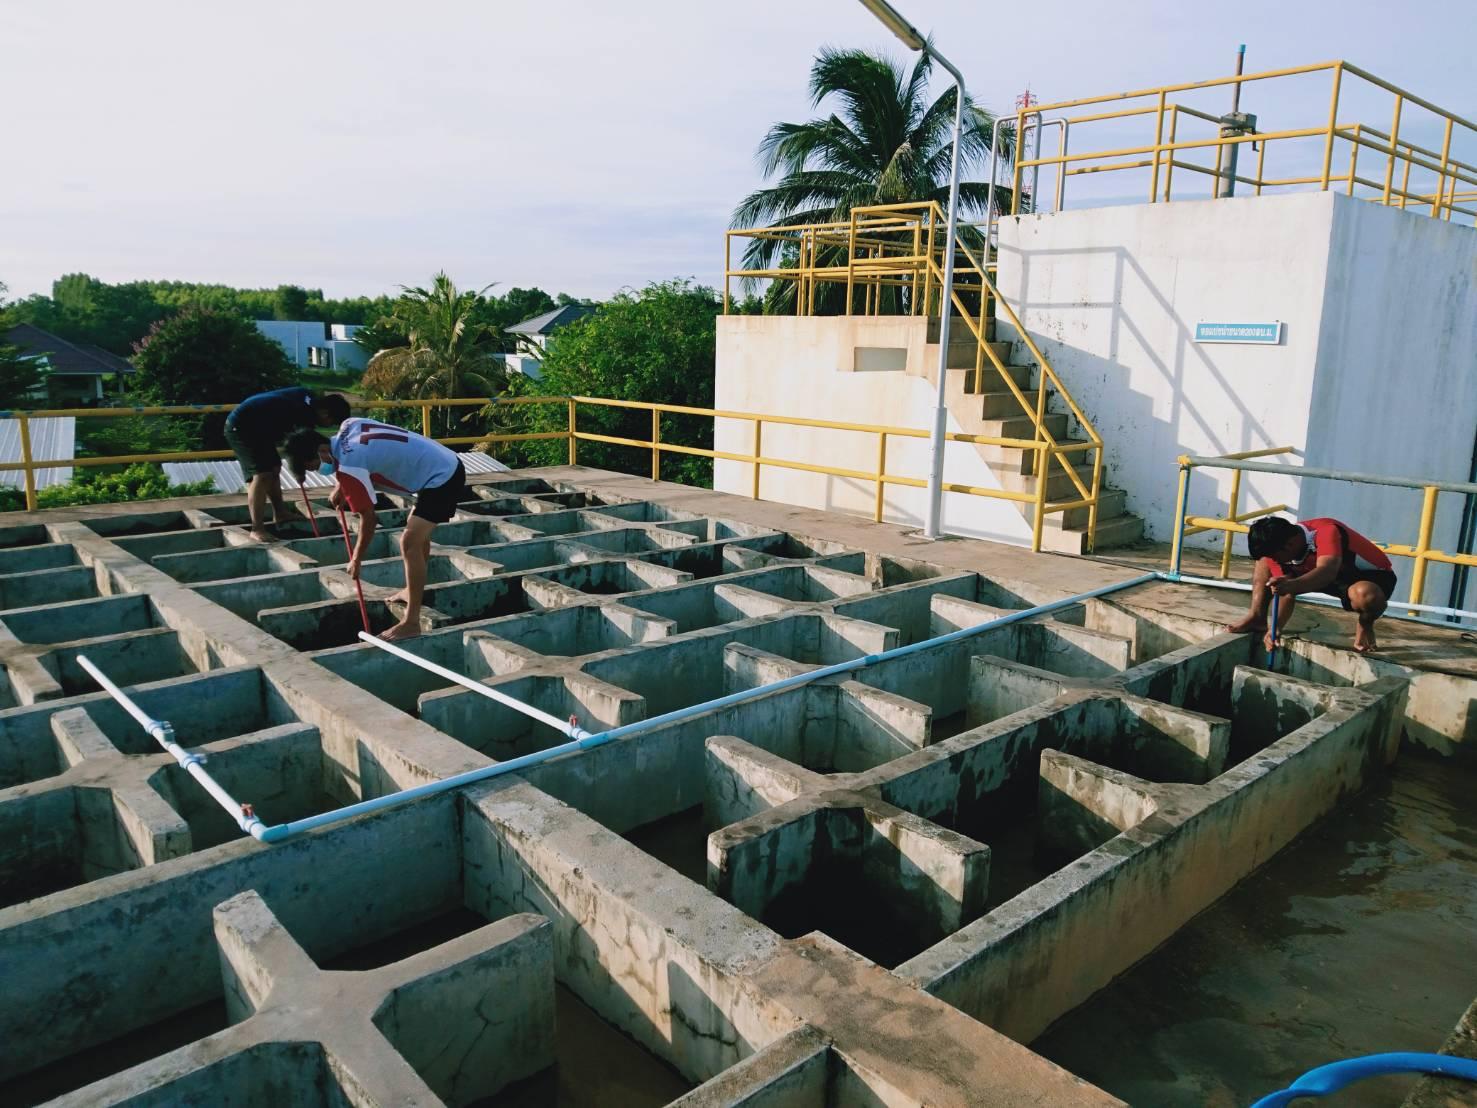 กปภ.สาขาวัฒนานคร ดำเนินการล้างถังตกตะกอนประจำเดือนมิถุนายน 2563